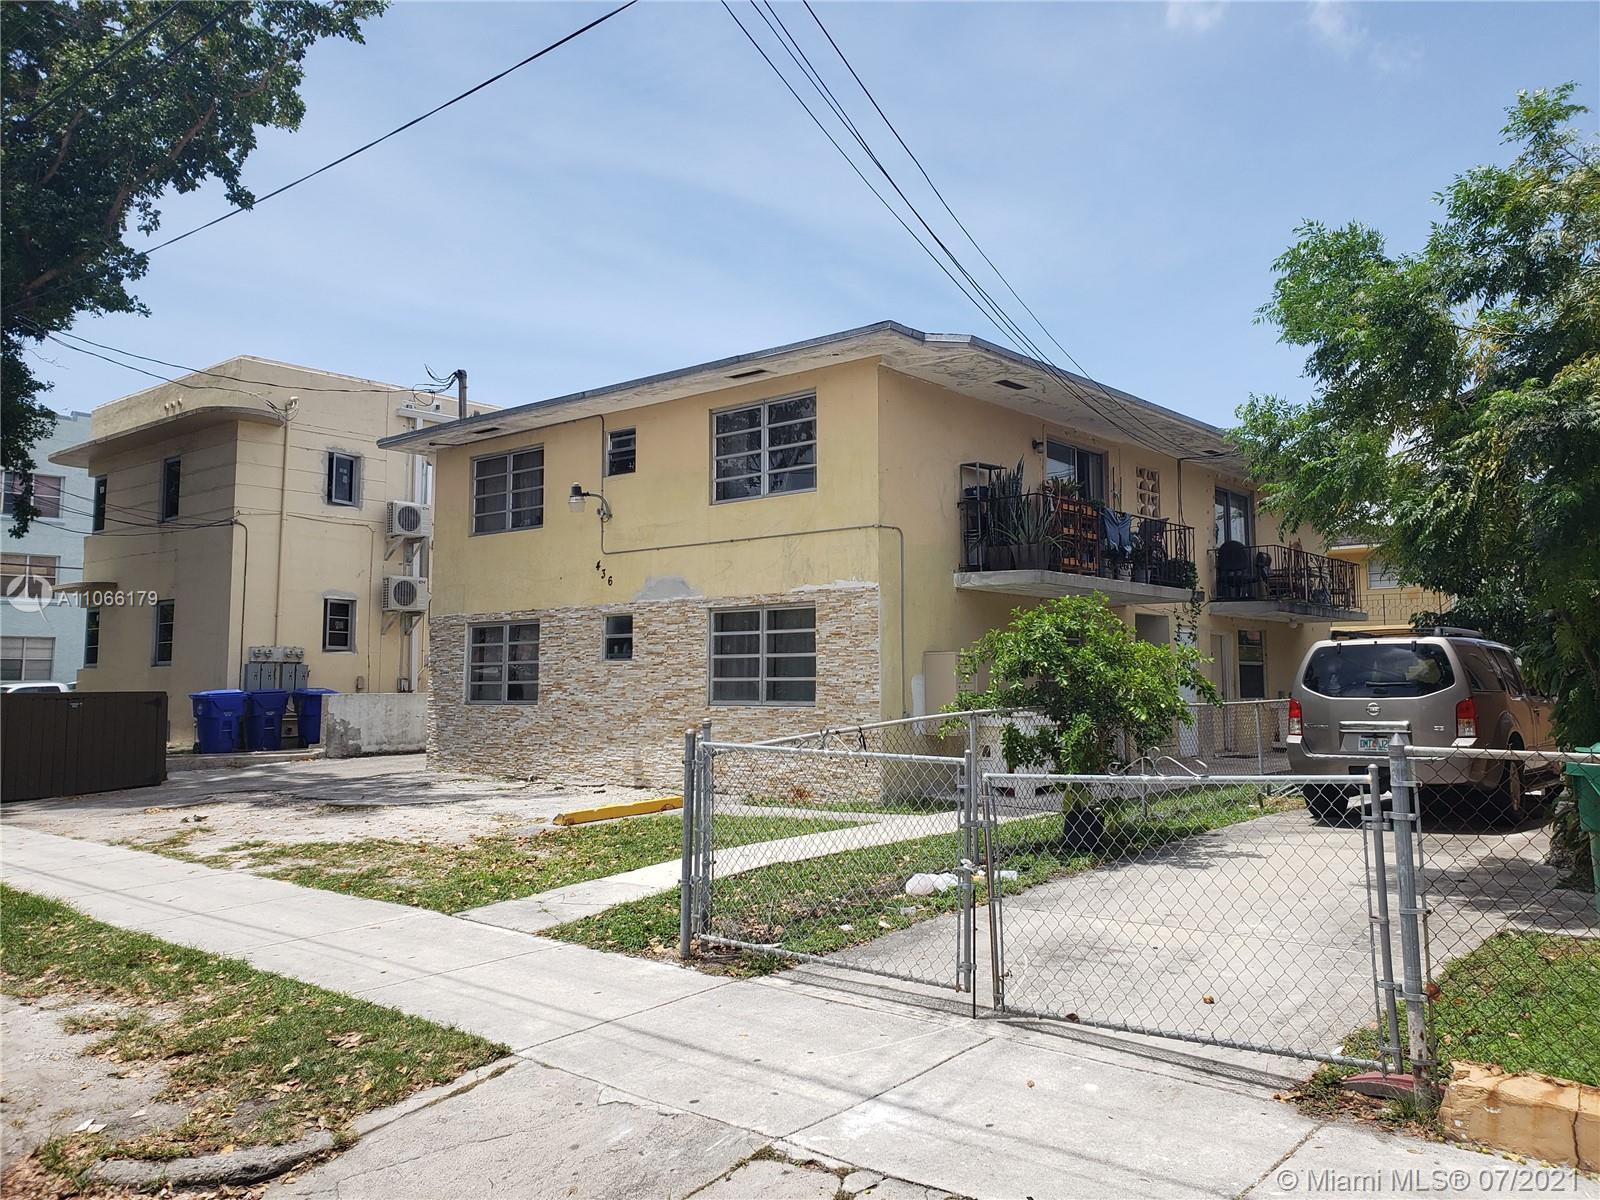 436 14th Ave, Miami, Florida 33135